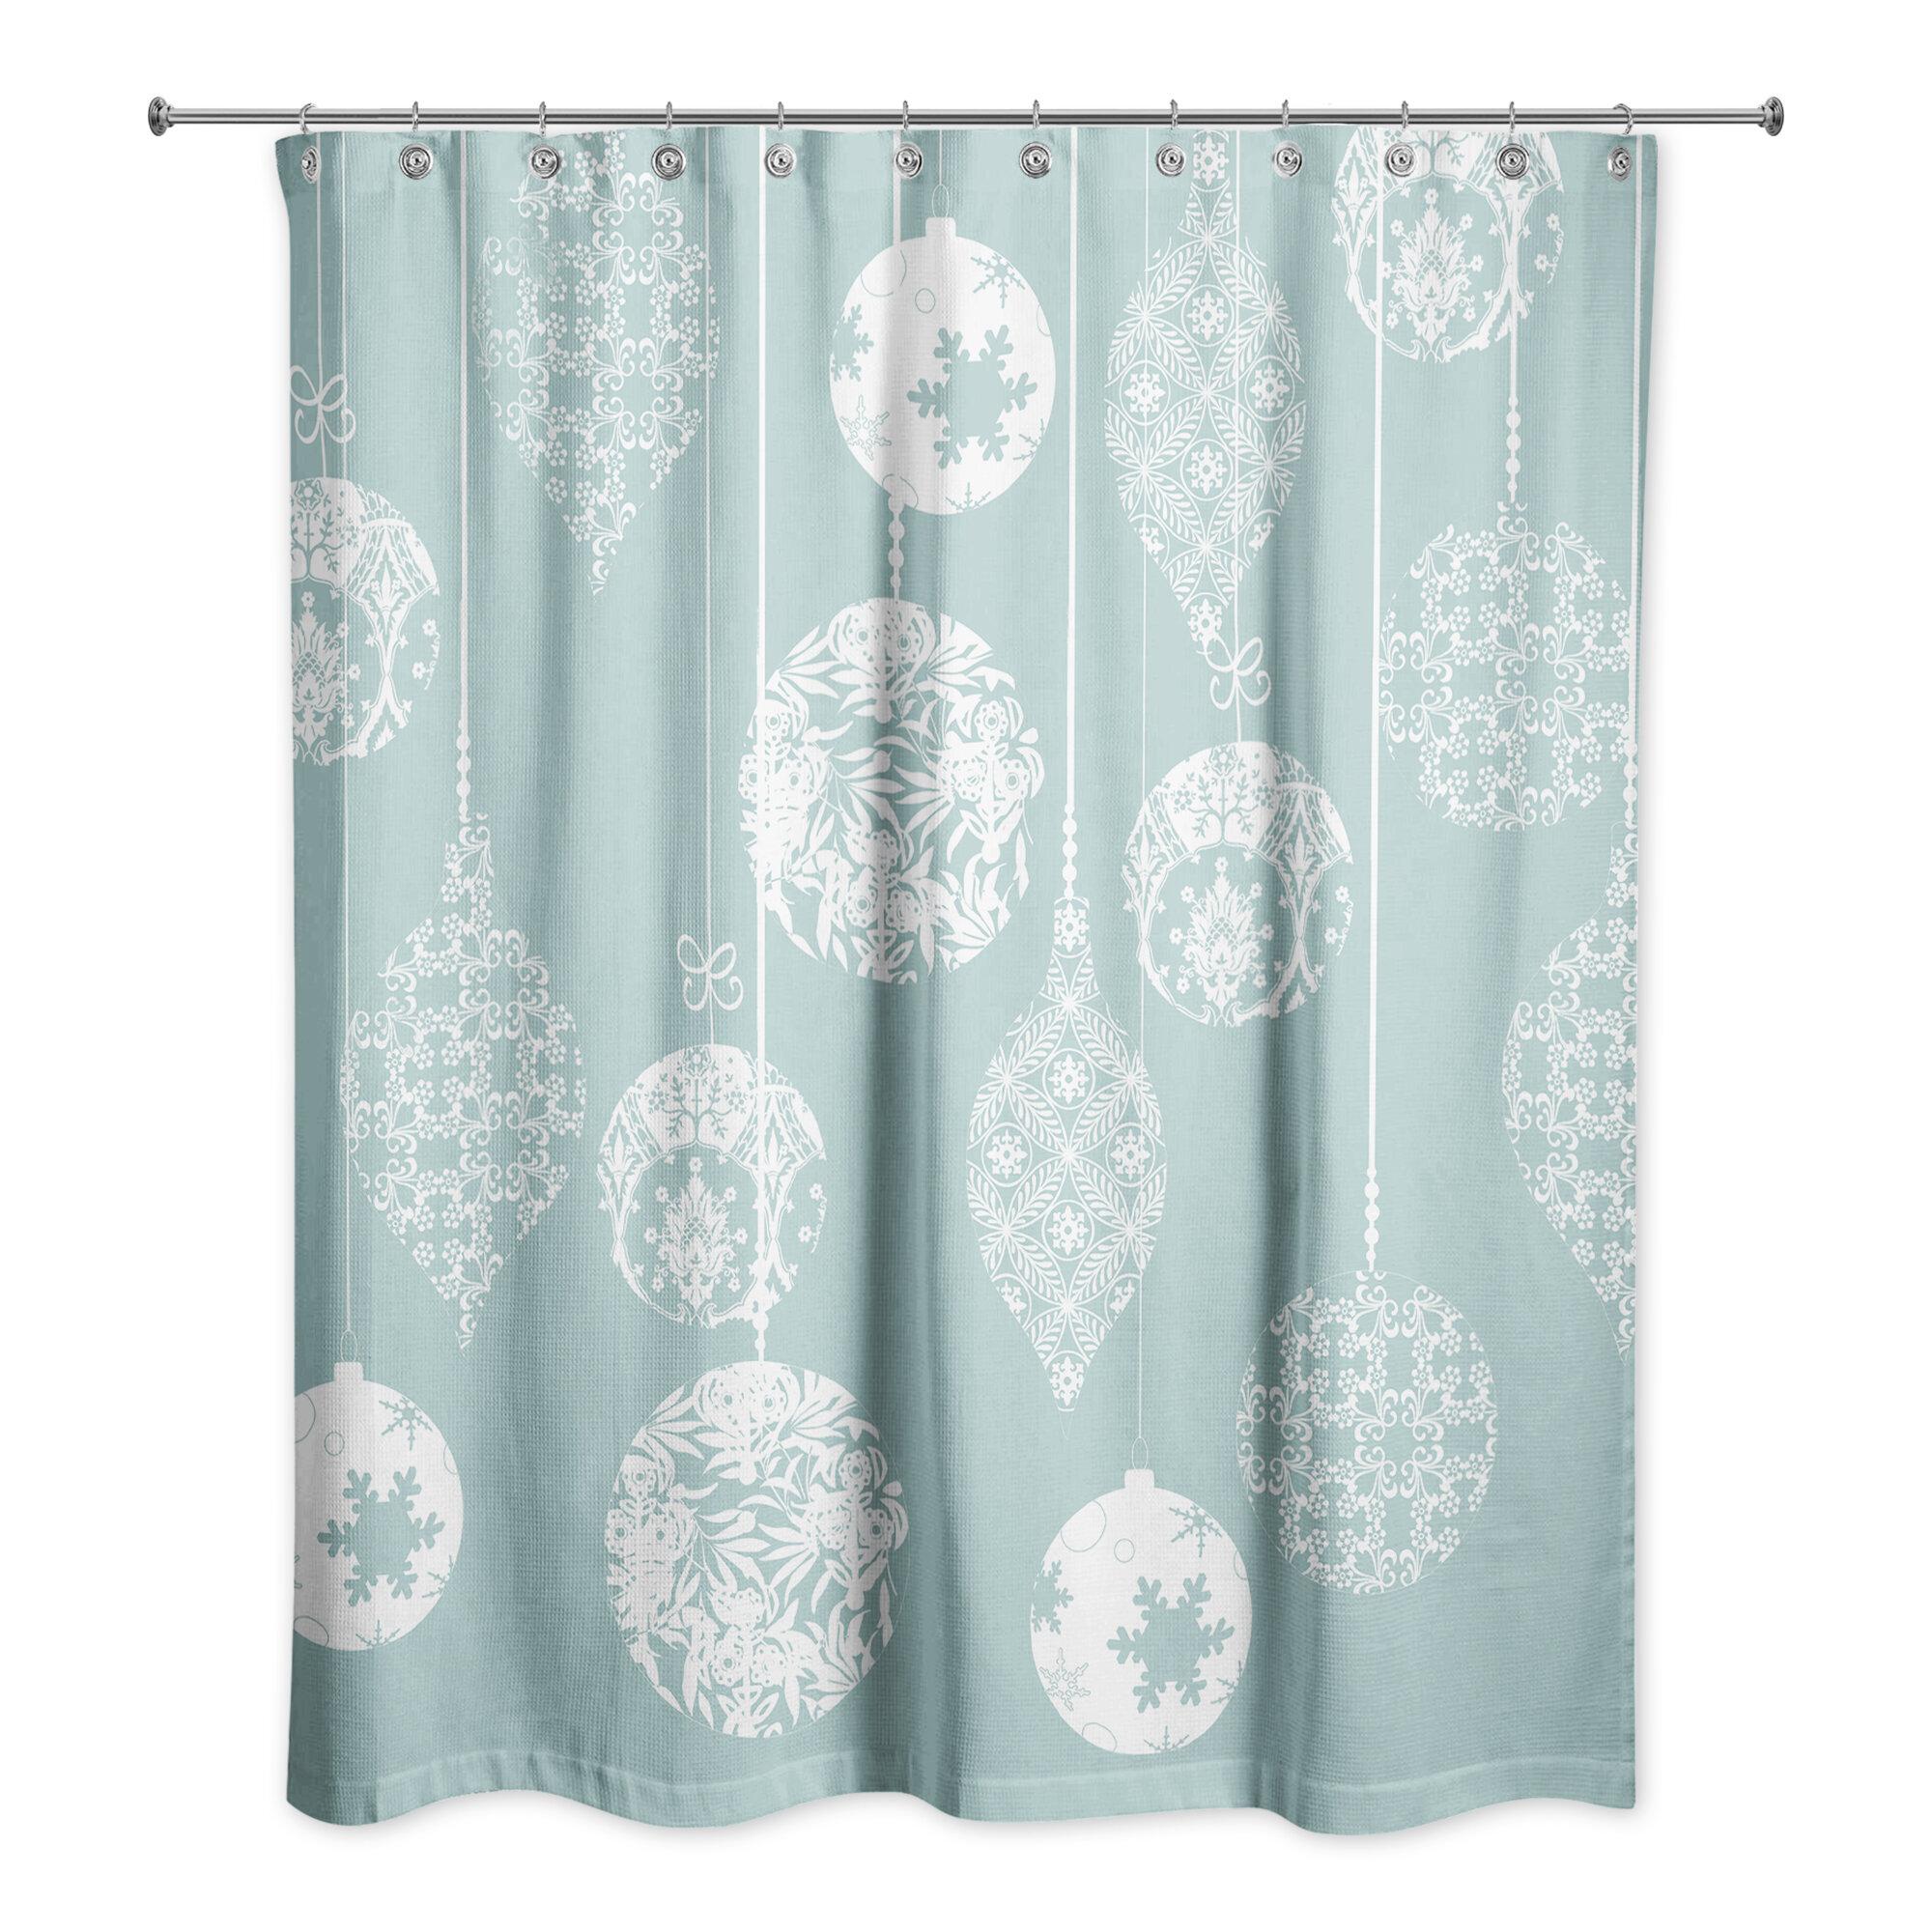 The Holiday Aisle Worceer Ornaments Single Shower Curtain Wayfair